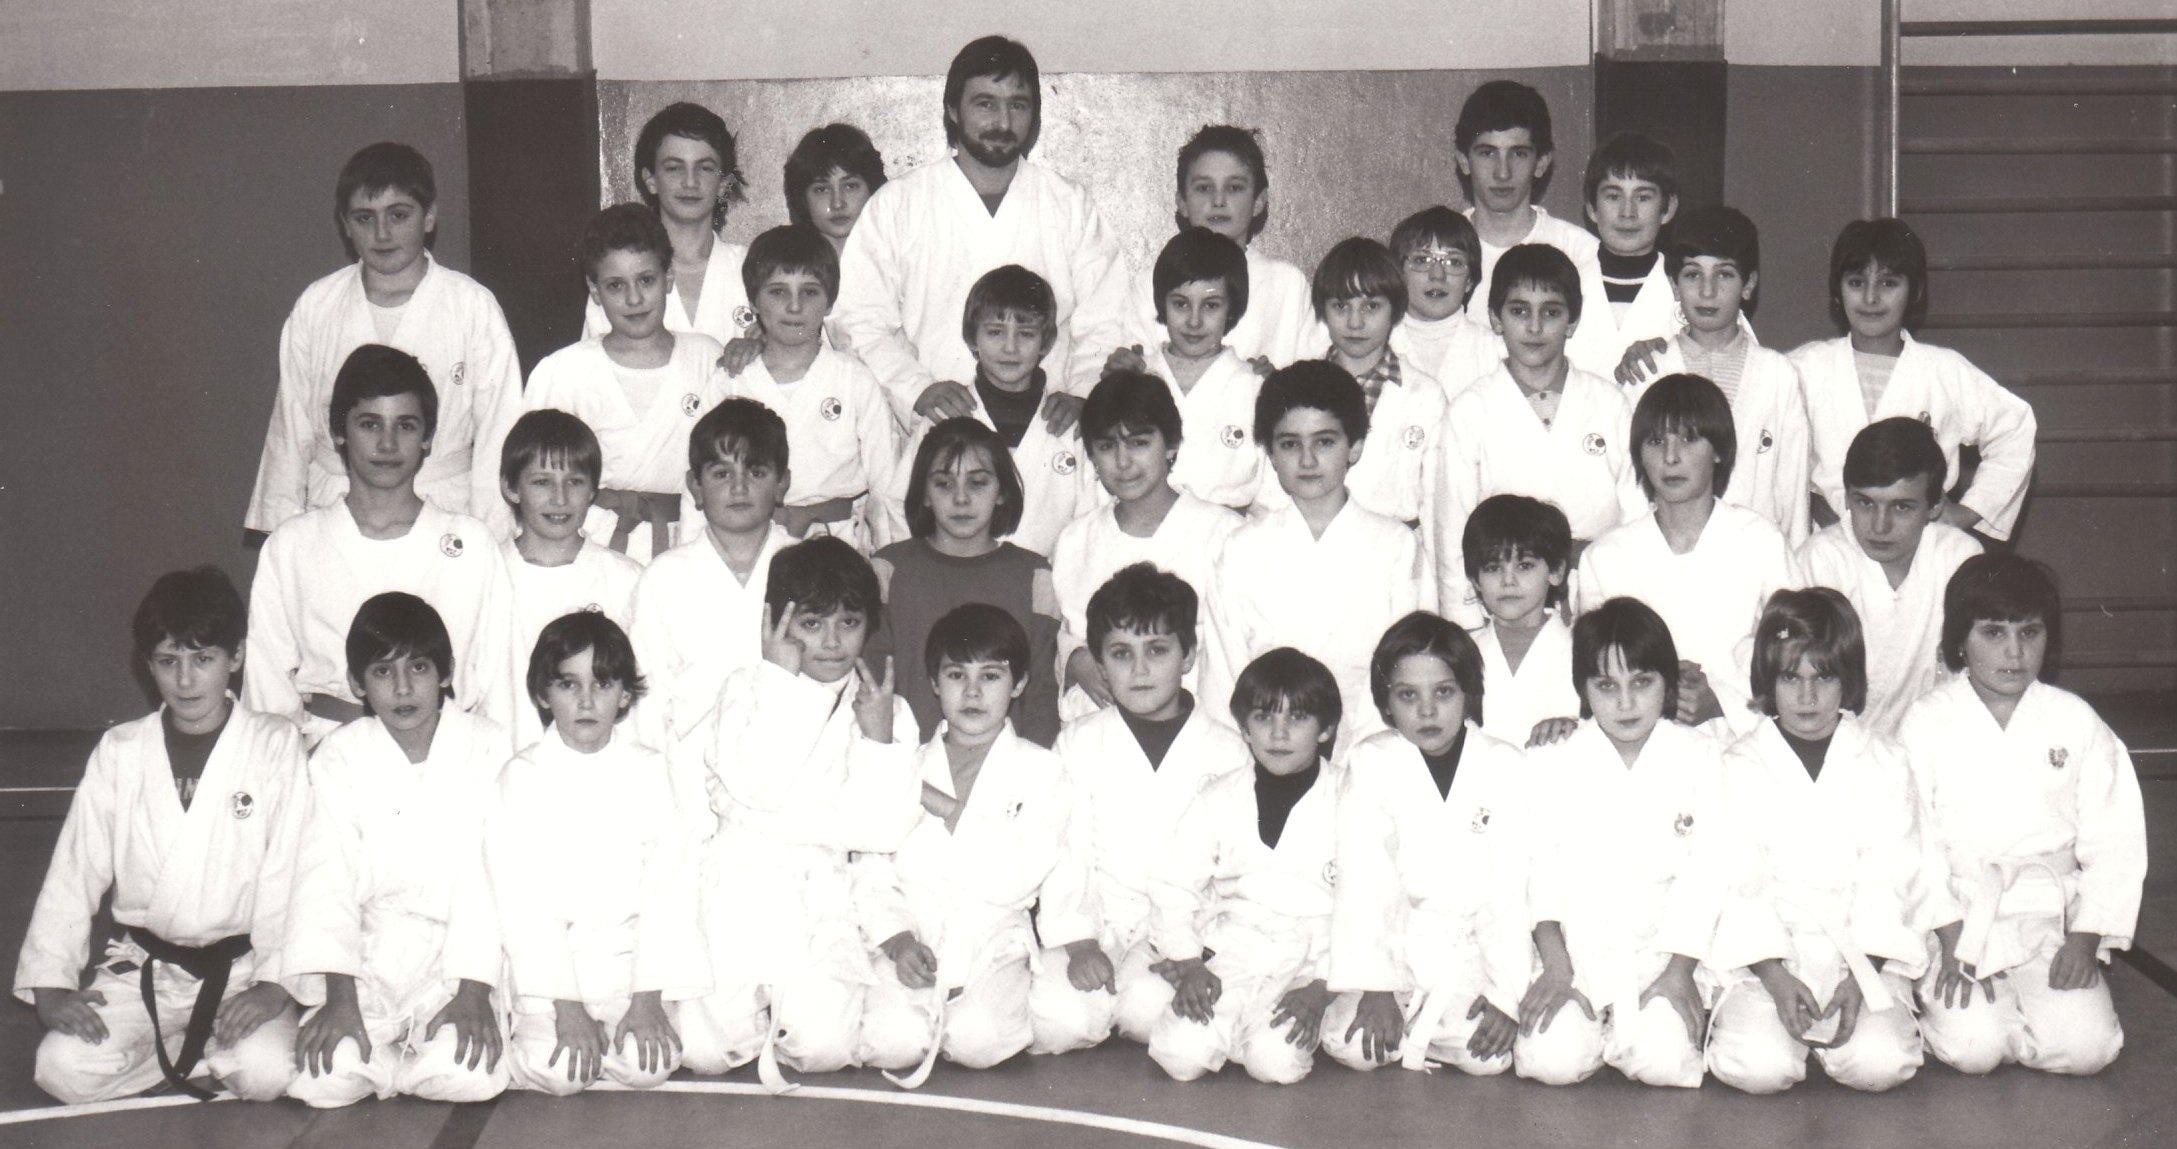 Settore Giovanile Coccaglio 1985